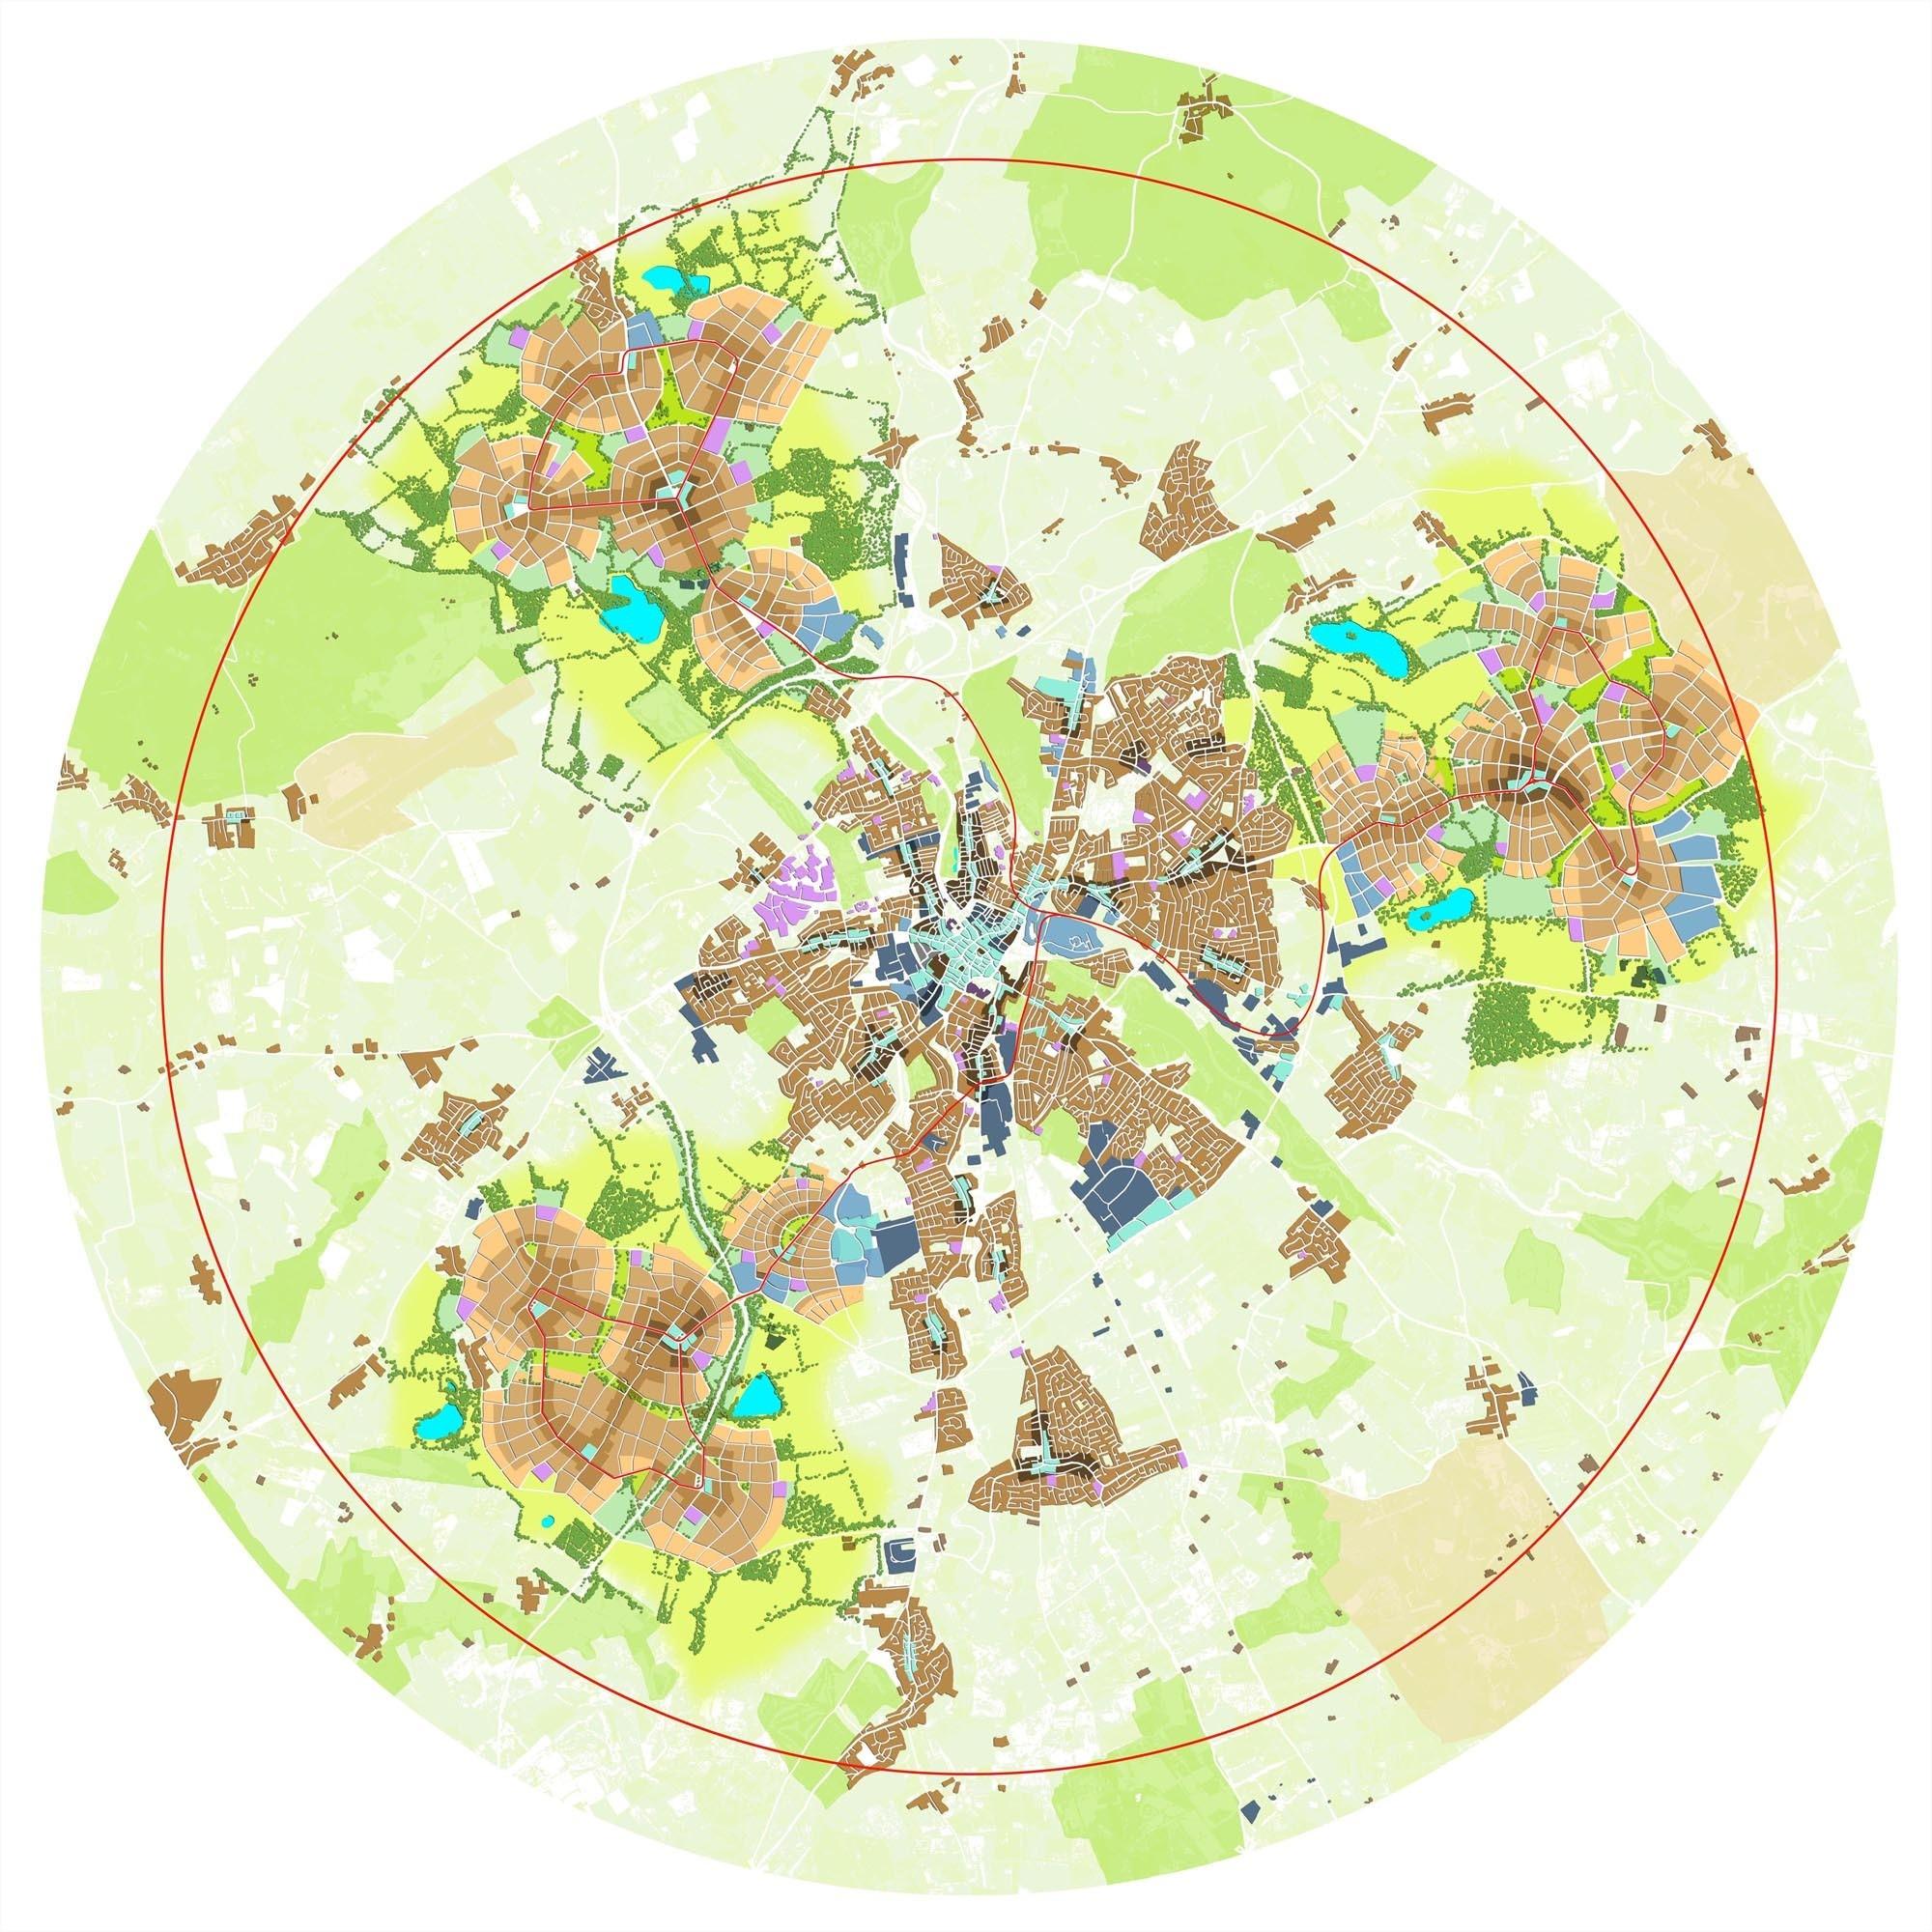 Richard Rogers habla en contra de las propuestas de ciudades jardín